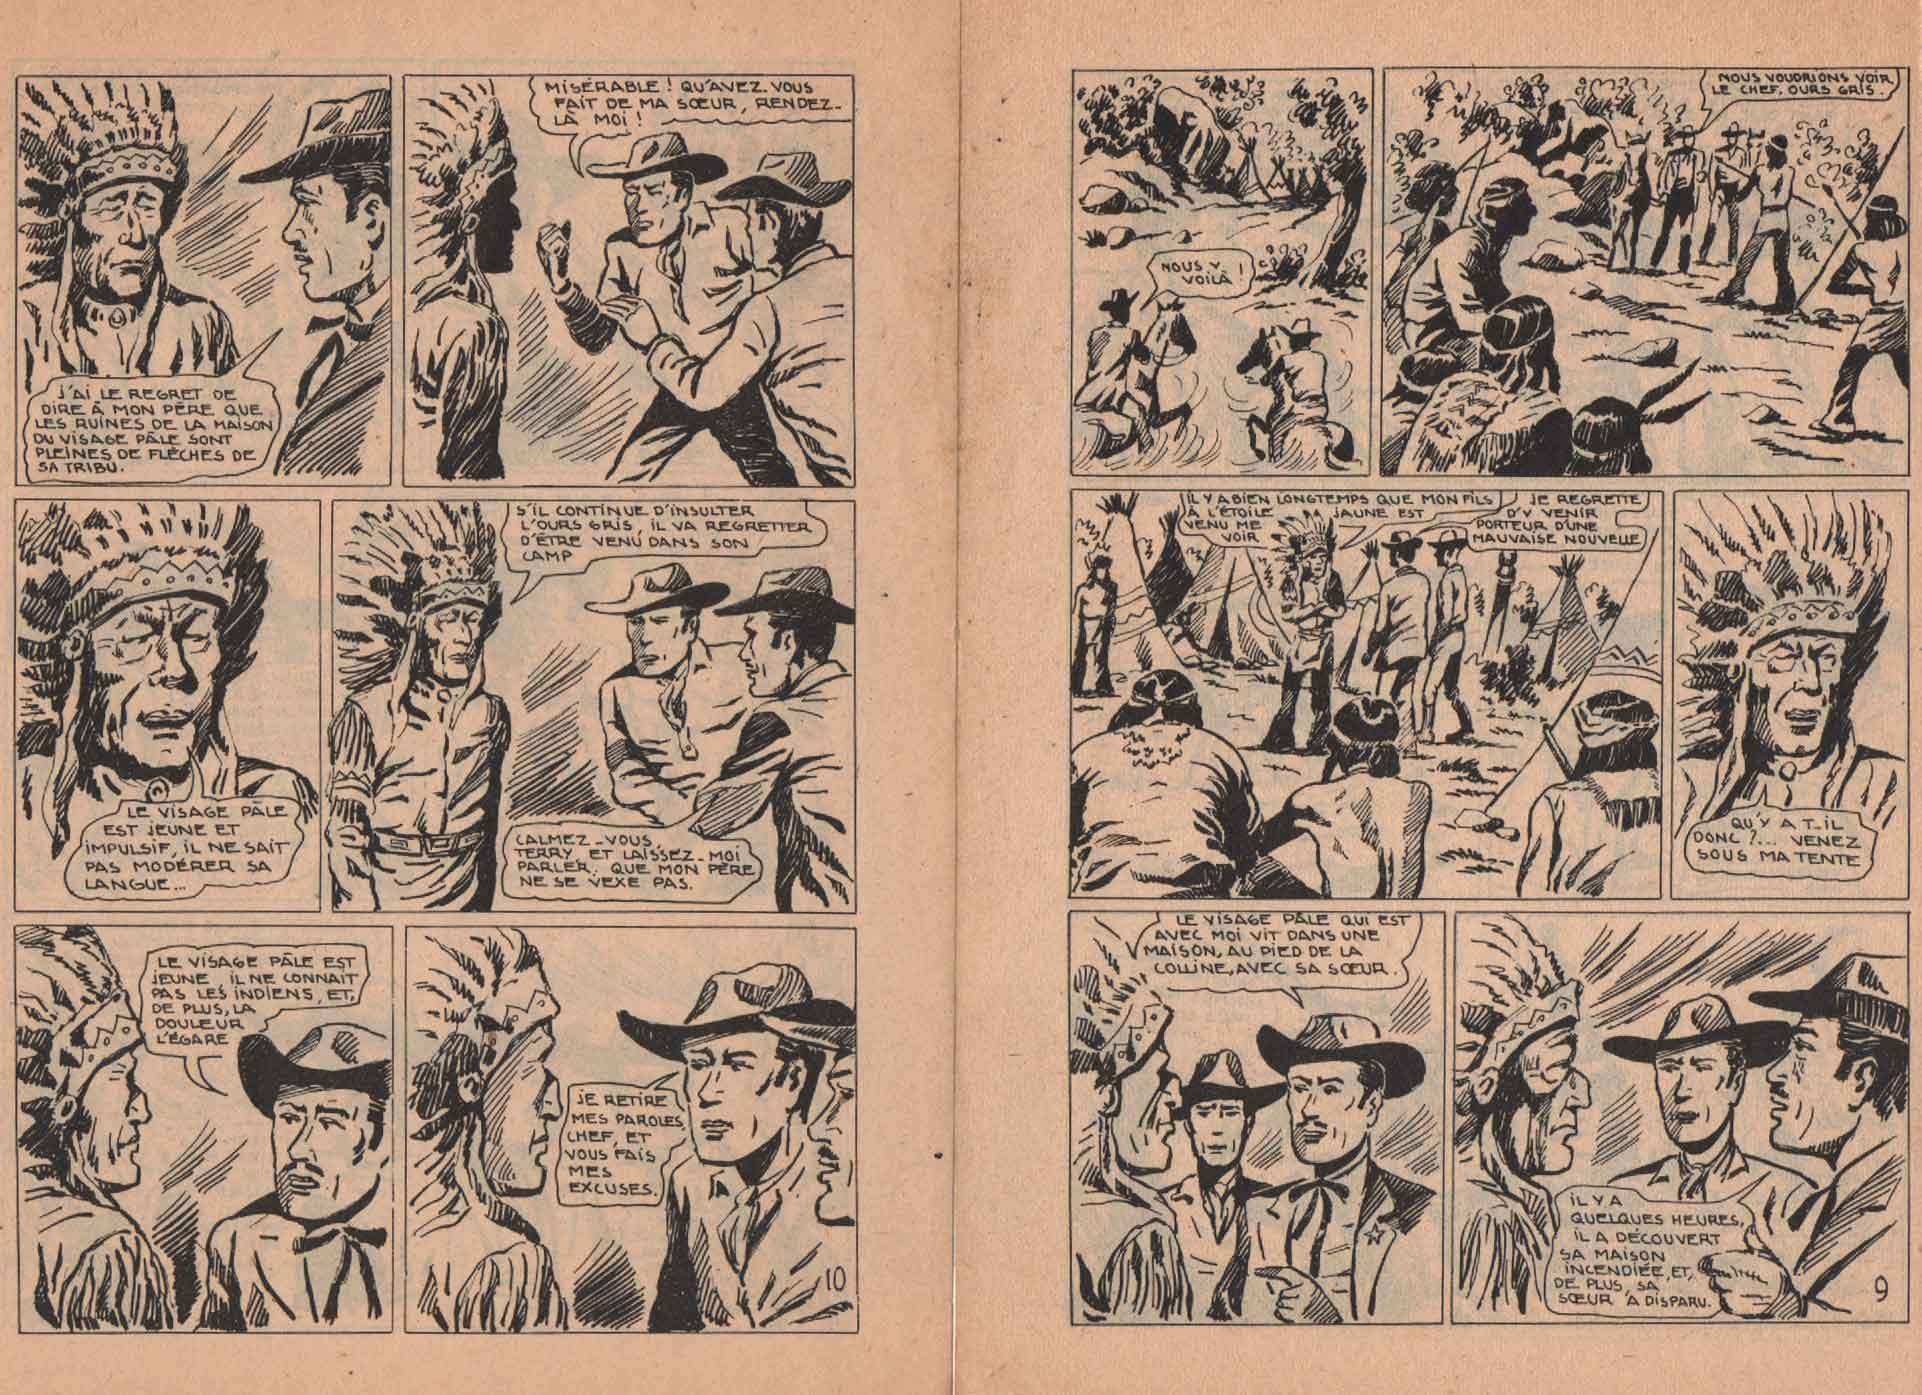 « Sam Grant » Hoppy n° 7 (juillet 1955).